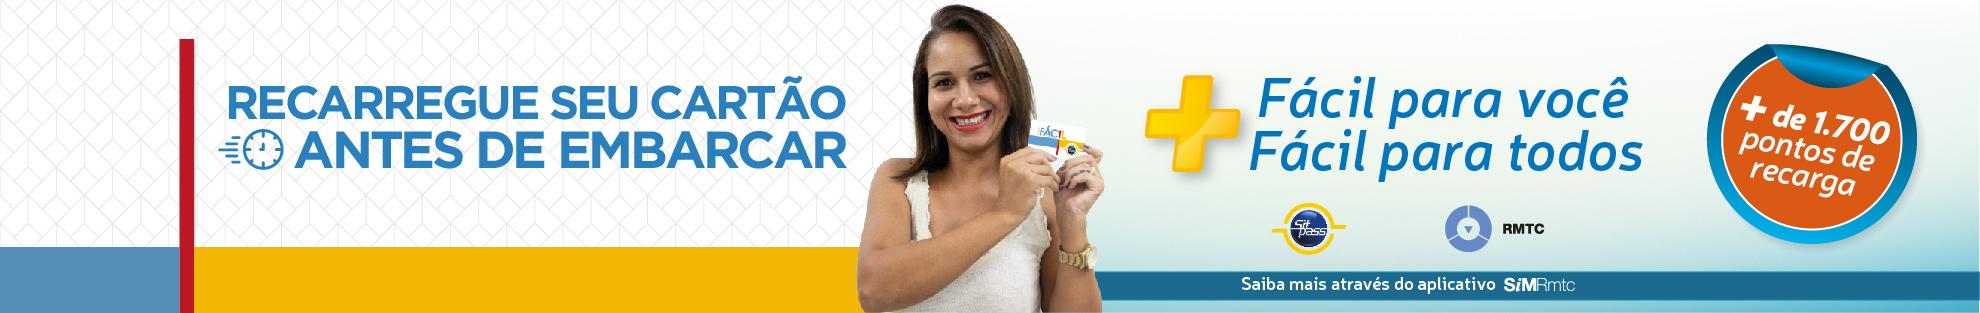 Banner Cartão Fácil - 2